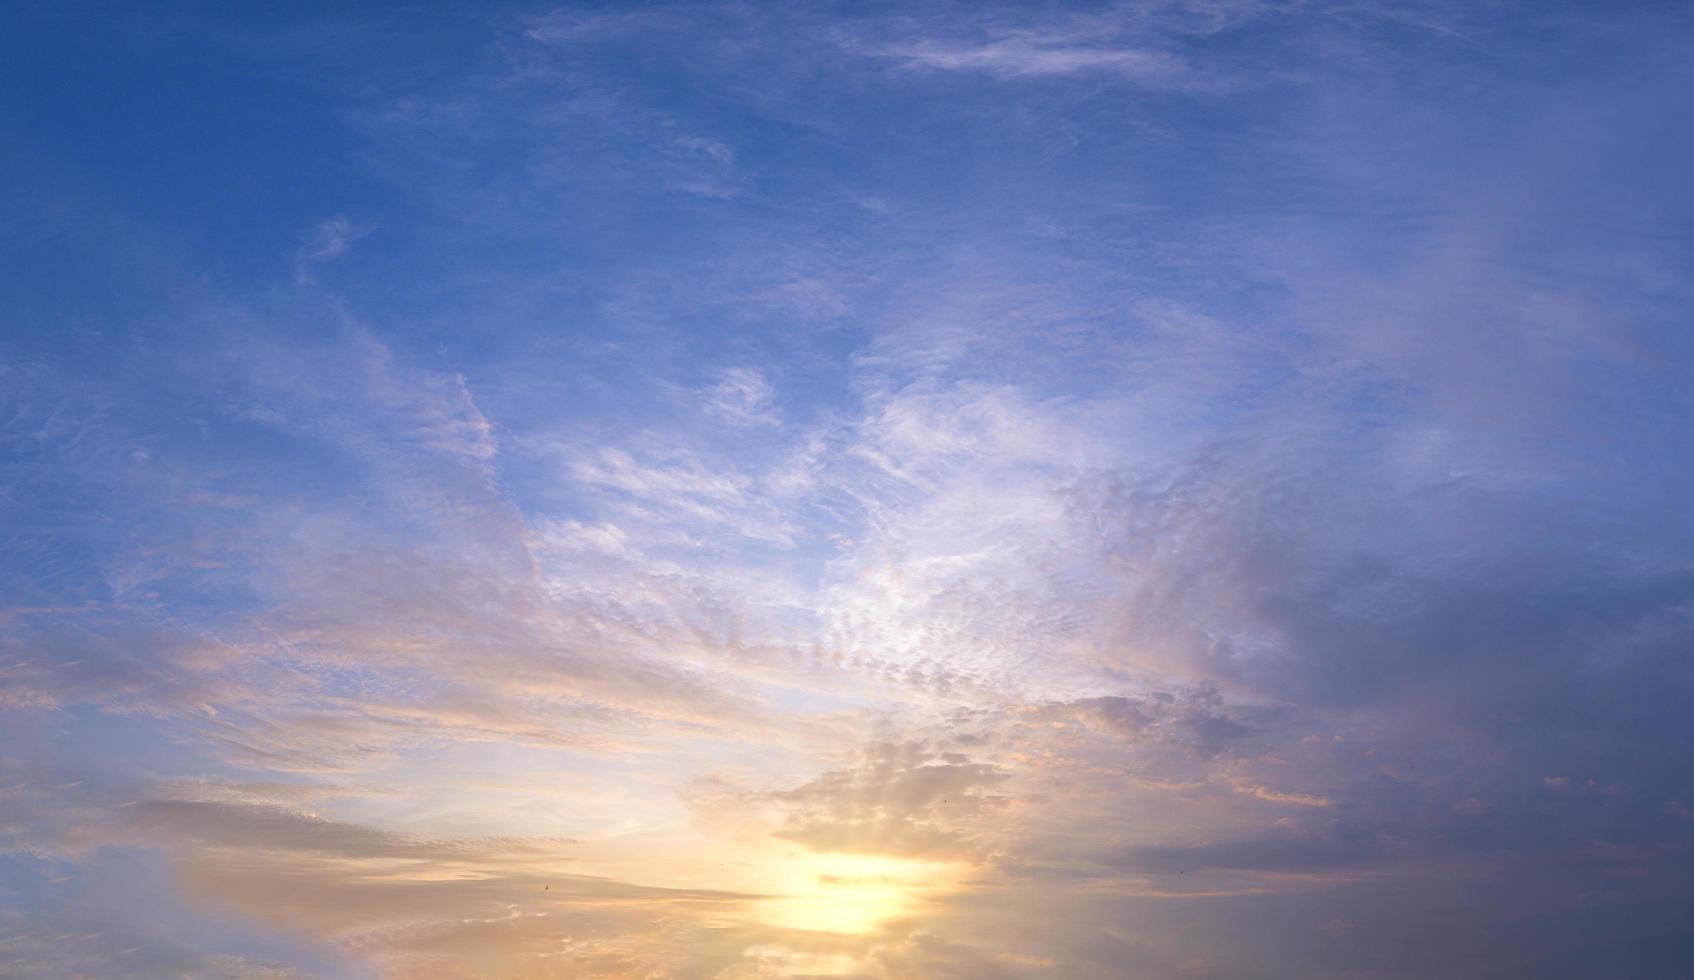 cielo y sol al atardecer foto